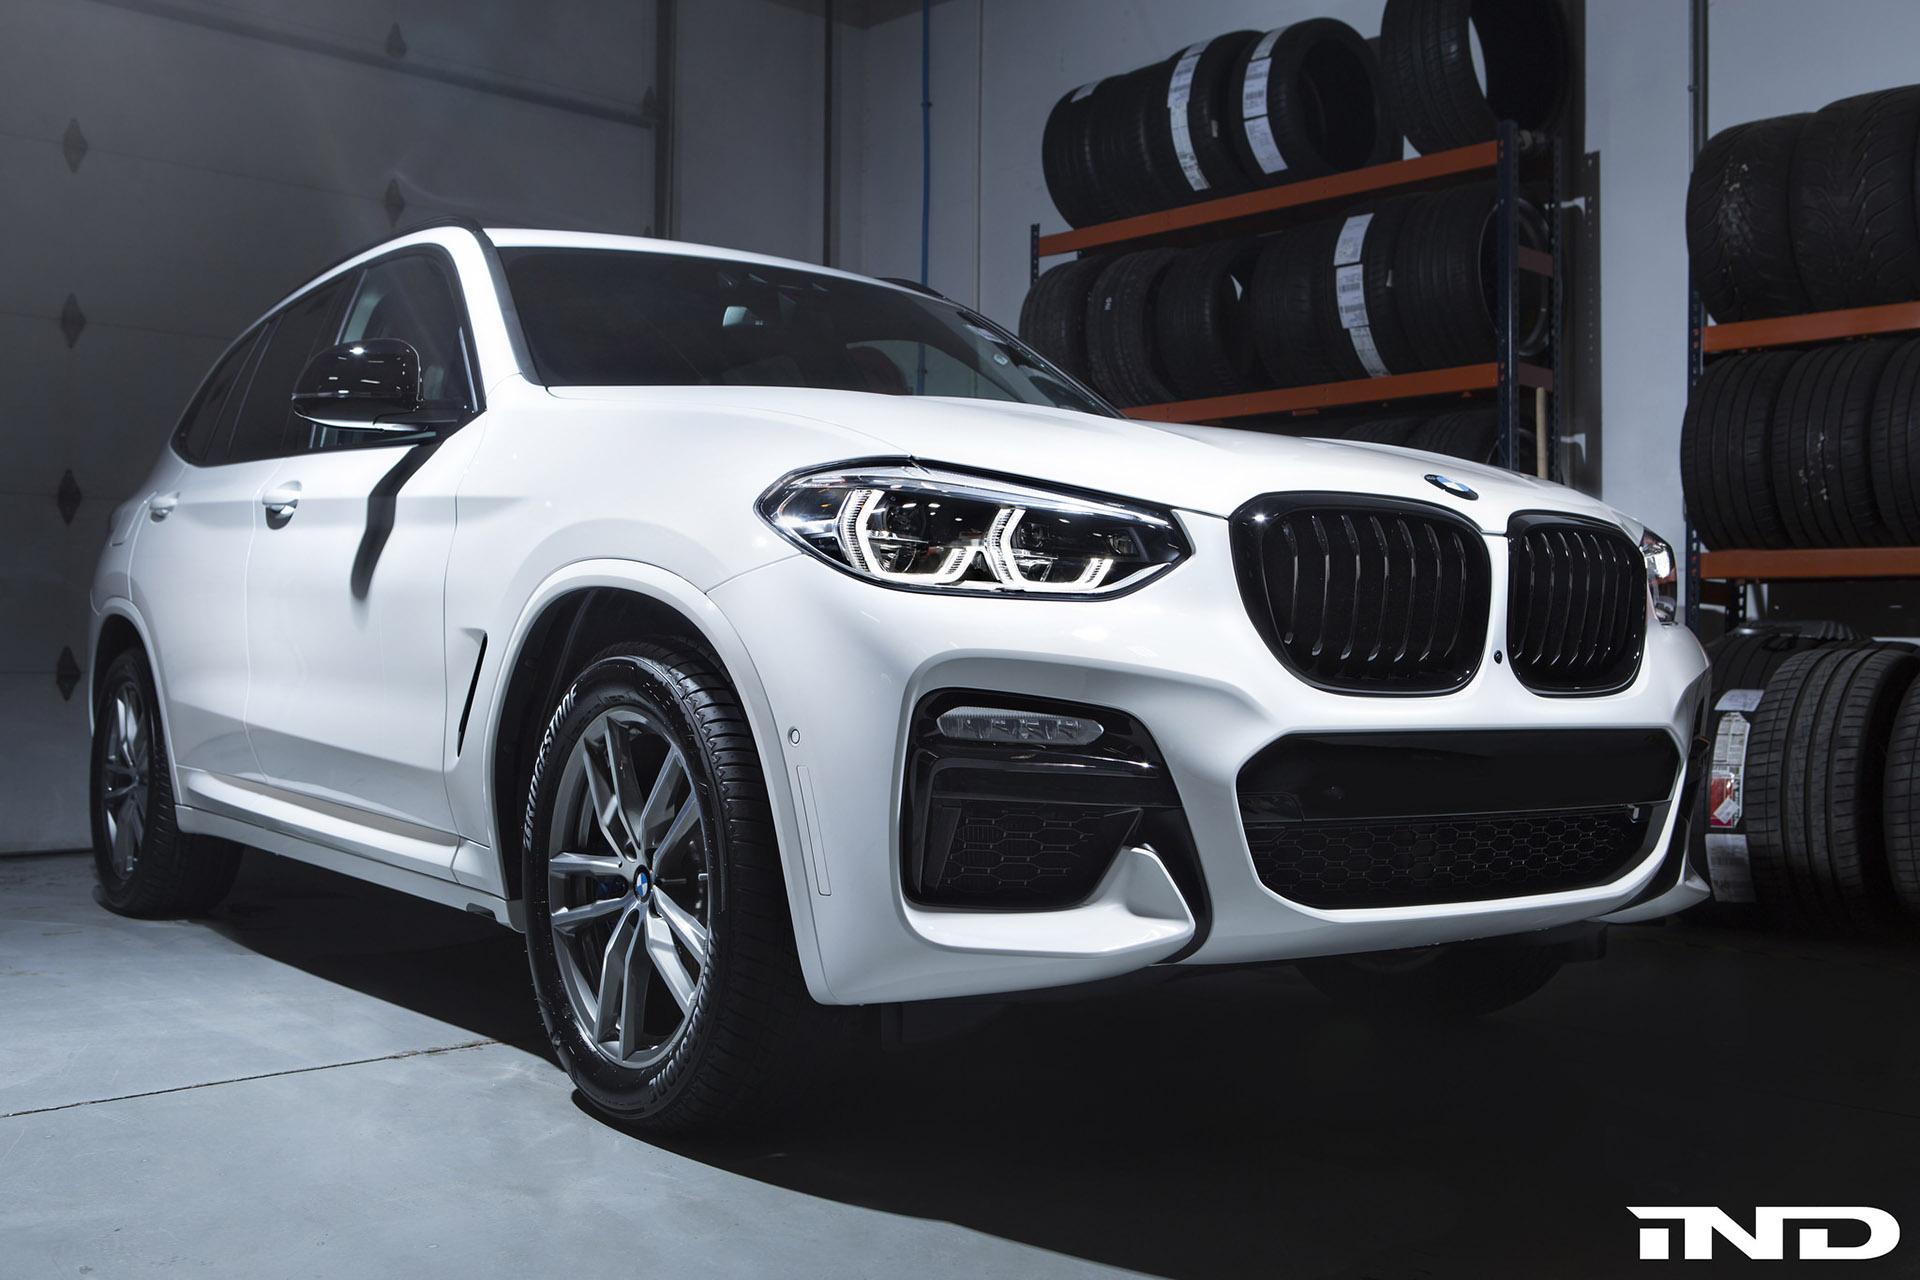 Alpine White BMW X3 M40i Image 1